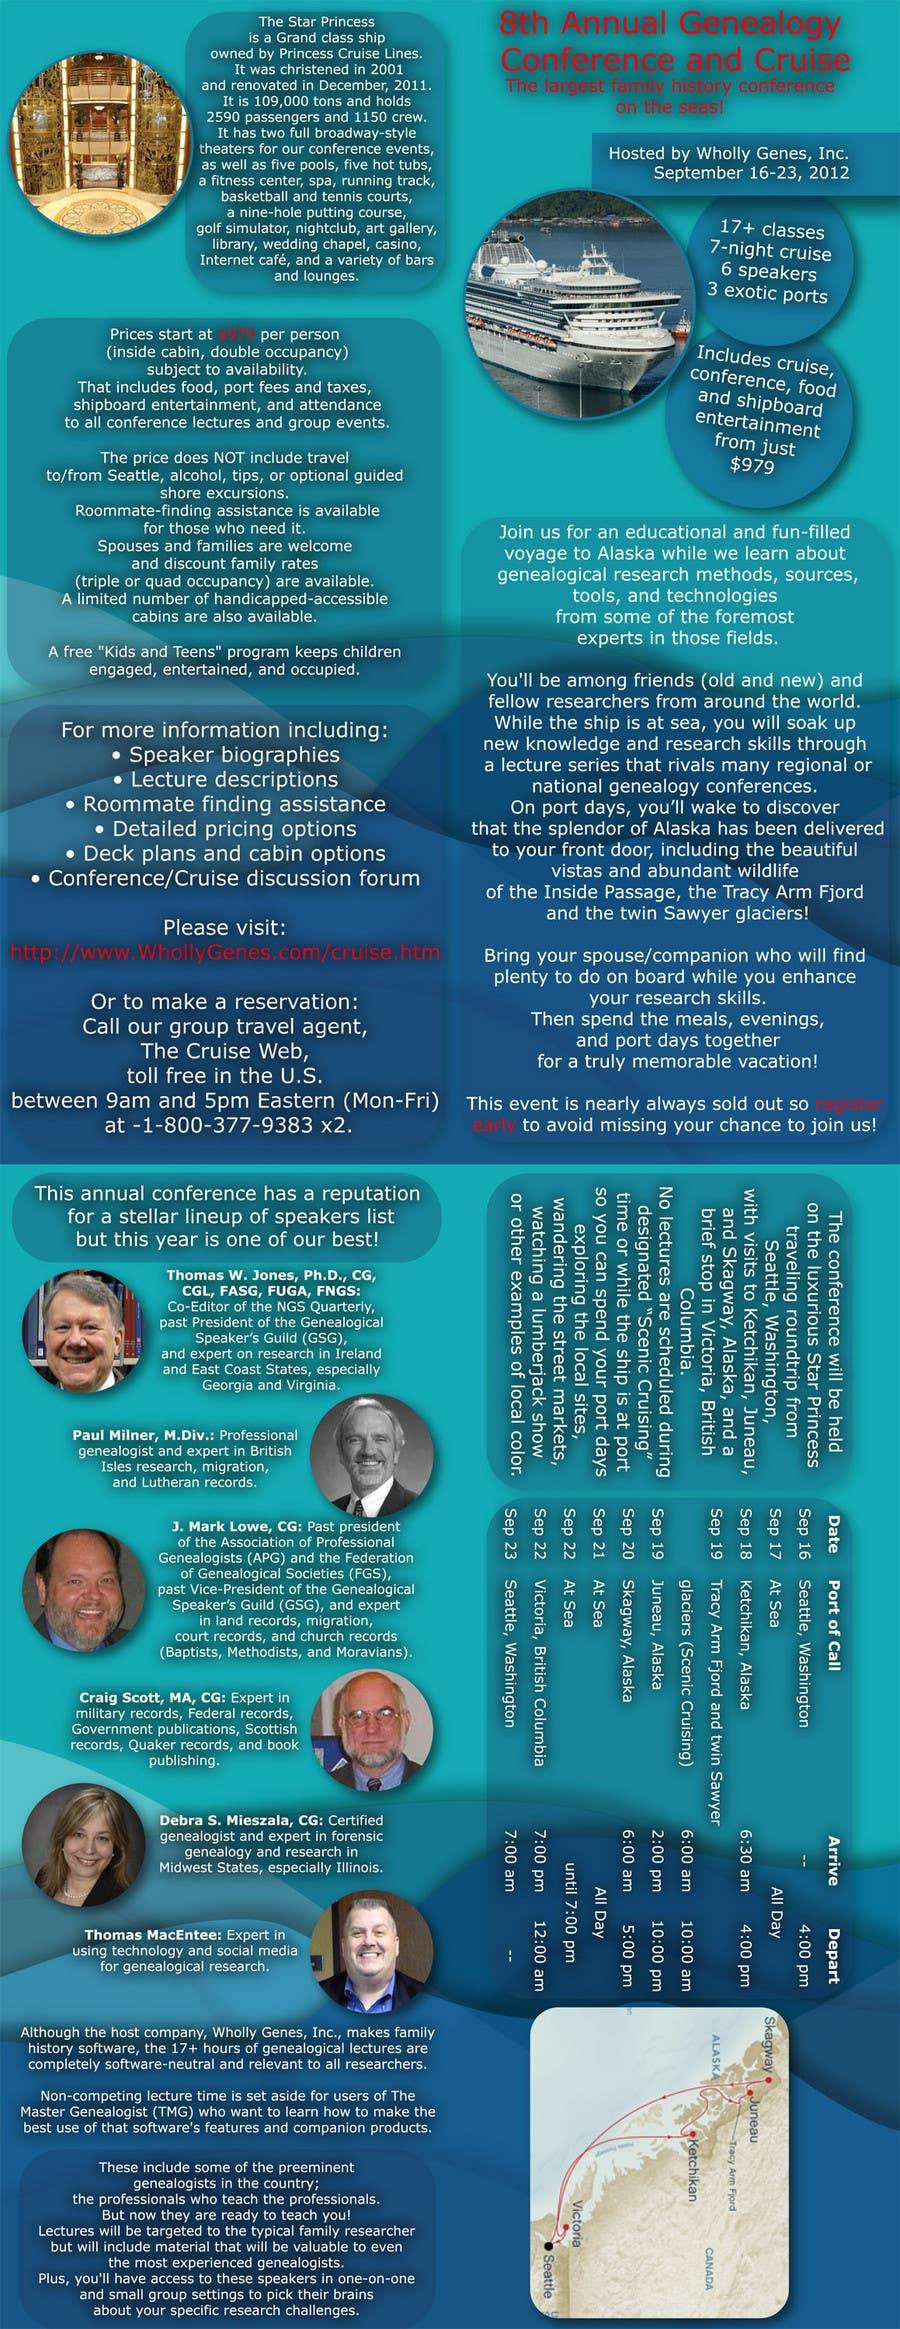 Inscrição nº 48 do Concurso para Brochure Design for Annual Conference and Cruise